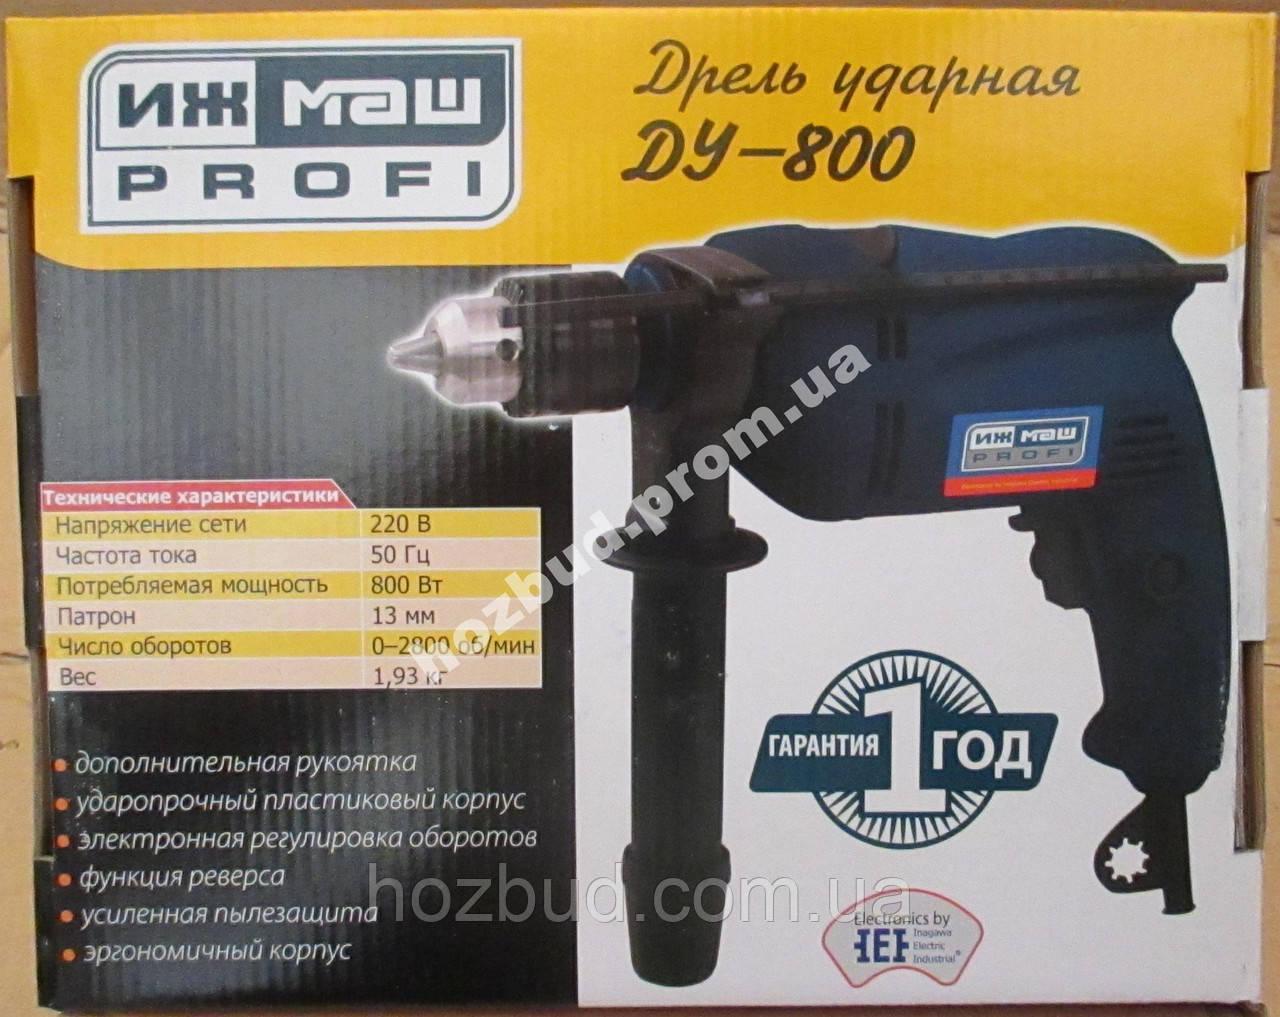 Дрель ИЖМАШ ДУ-800